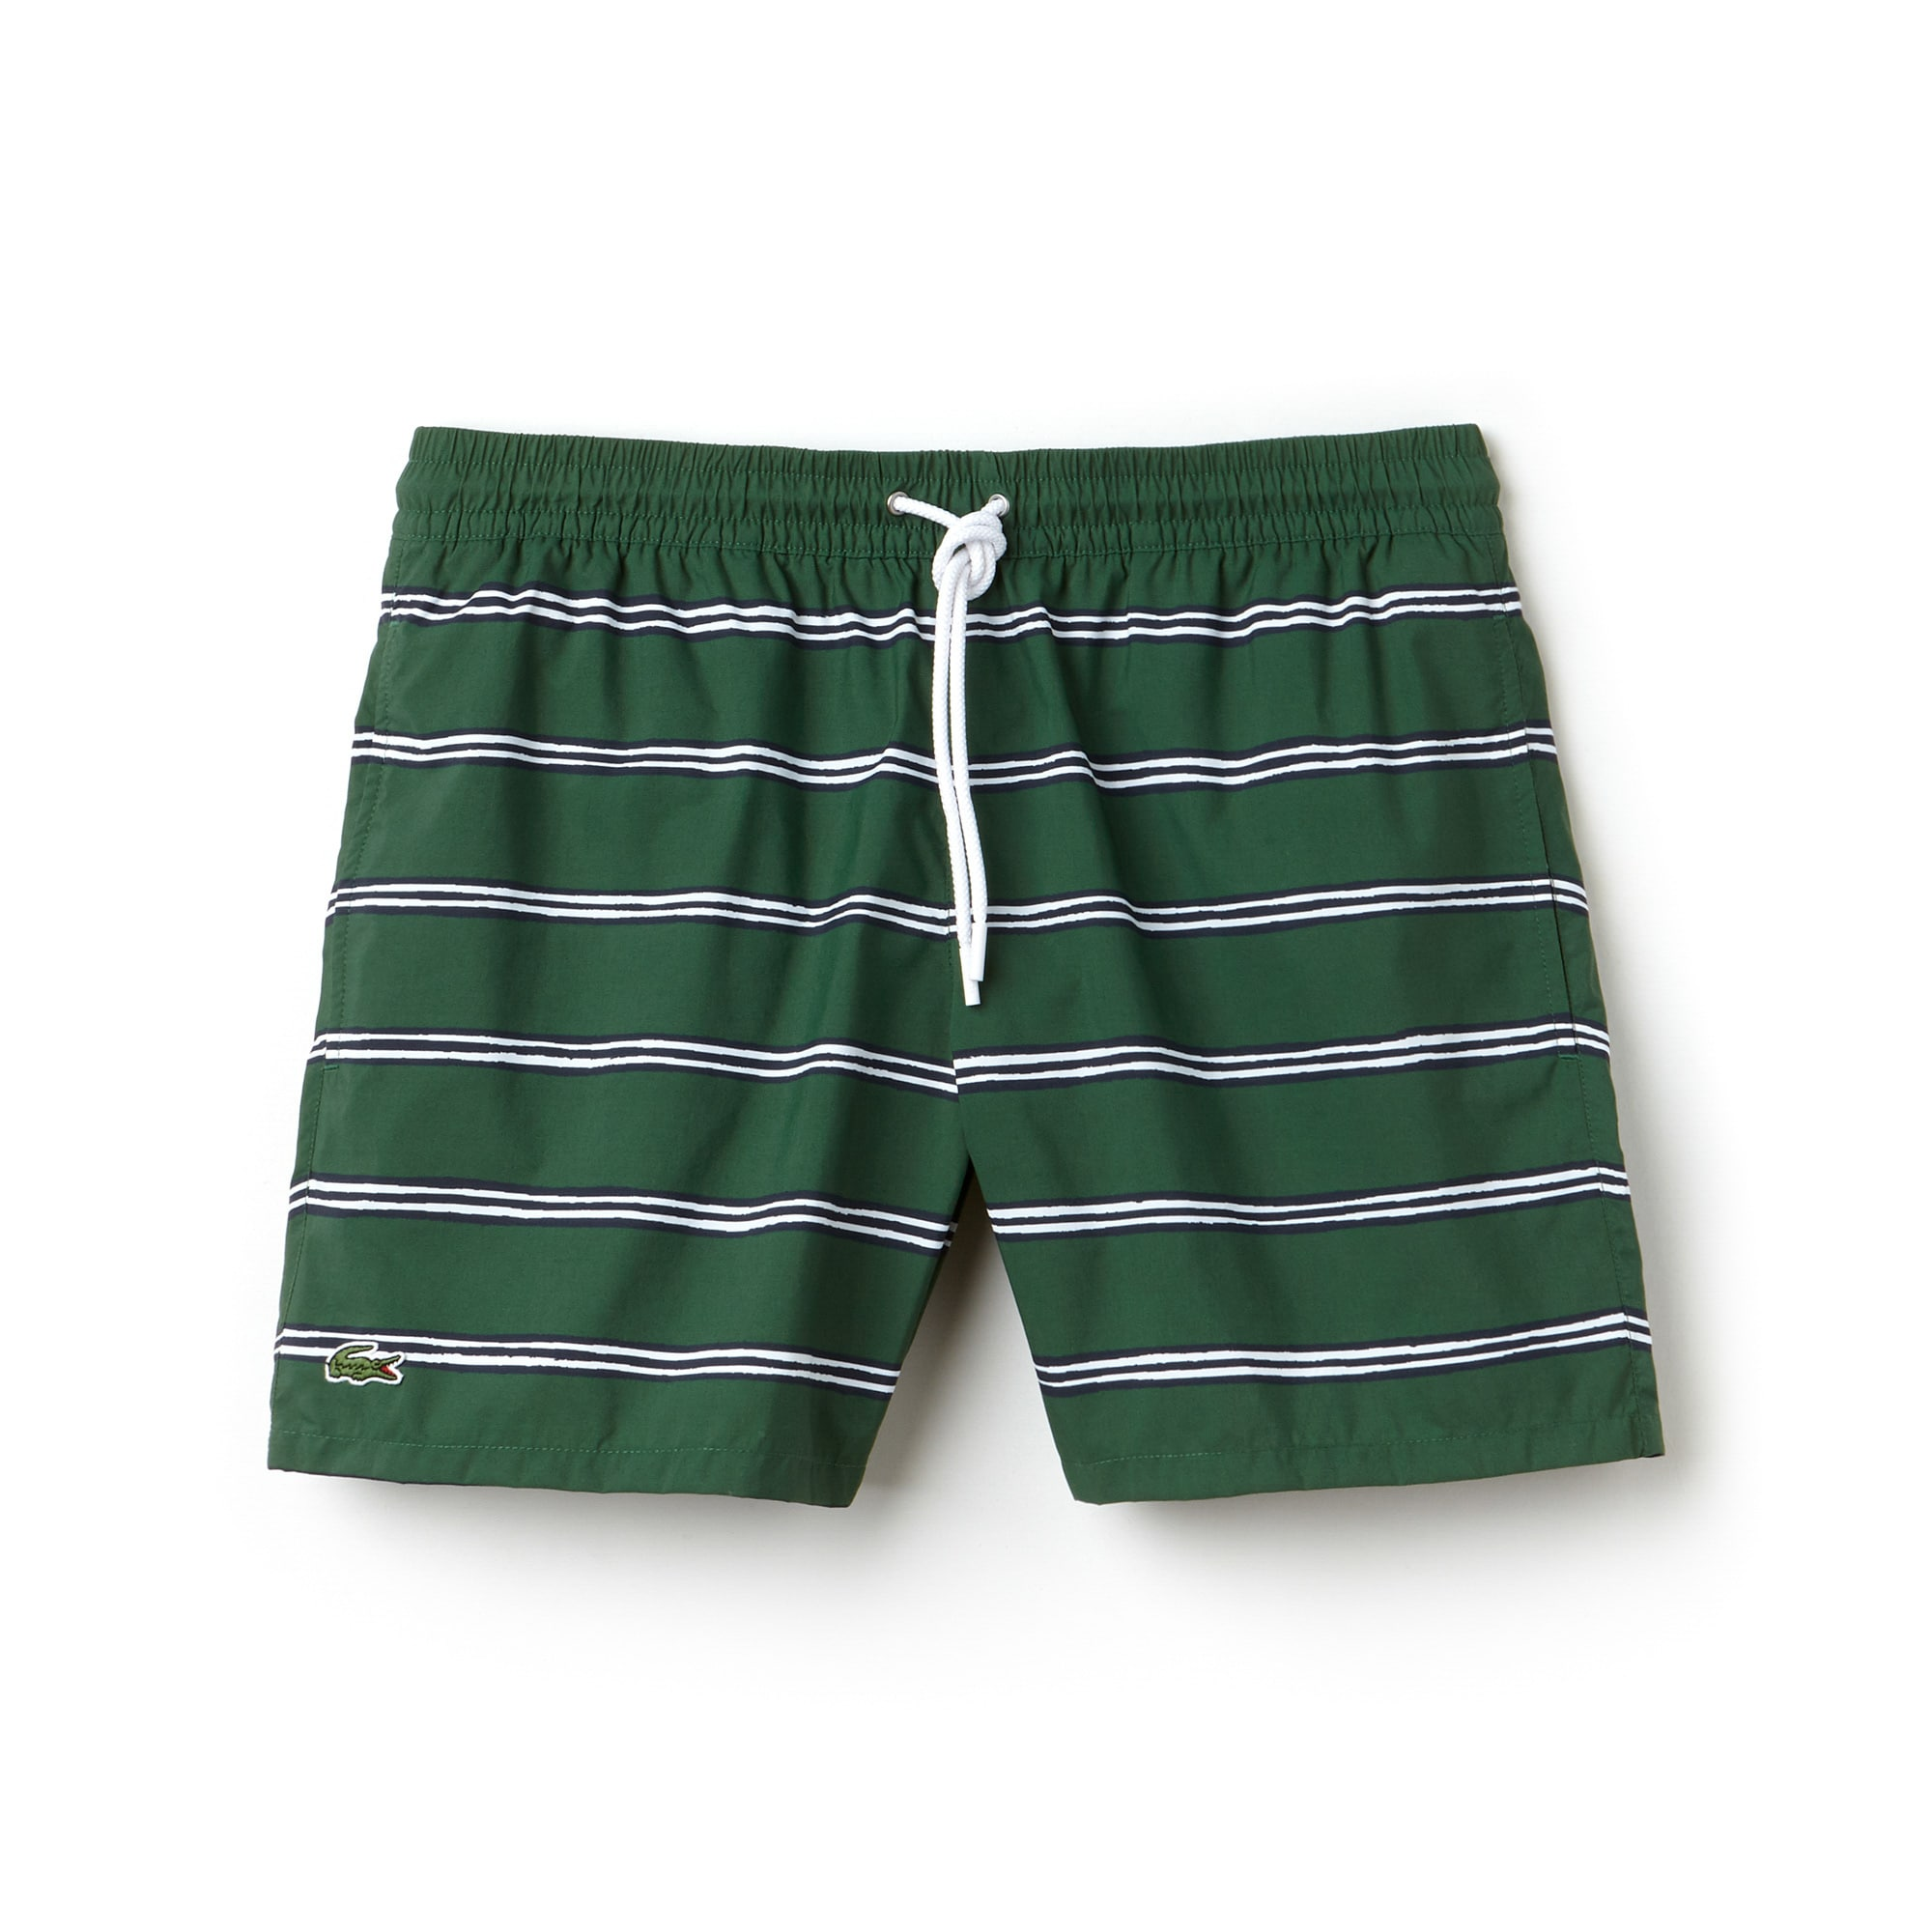 라코스테 수영복 바지 Lacoste Mens Striped Canvas Swimming Trunks,green/multico